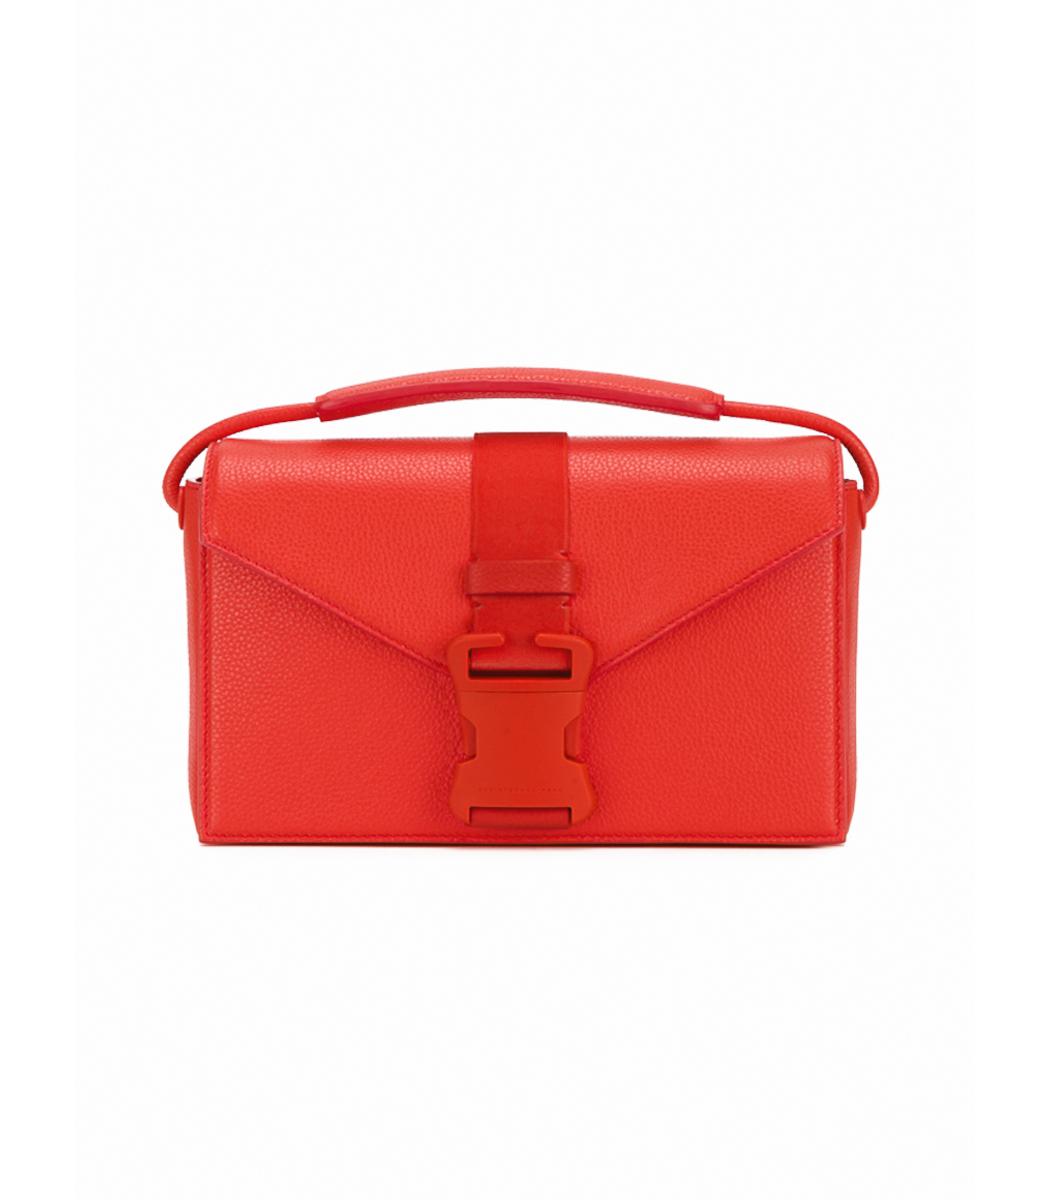 Devine Patent-leather Shoulder Bag - Red Christopher Kane q4qSpYS